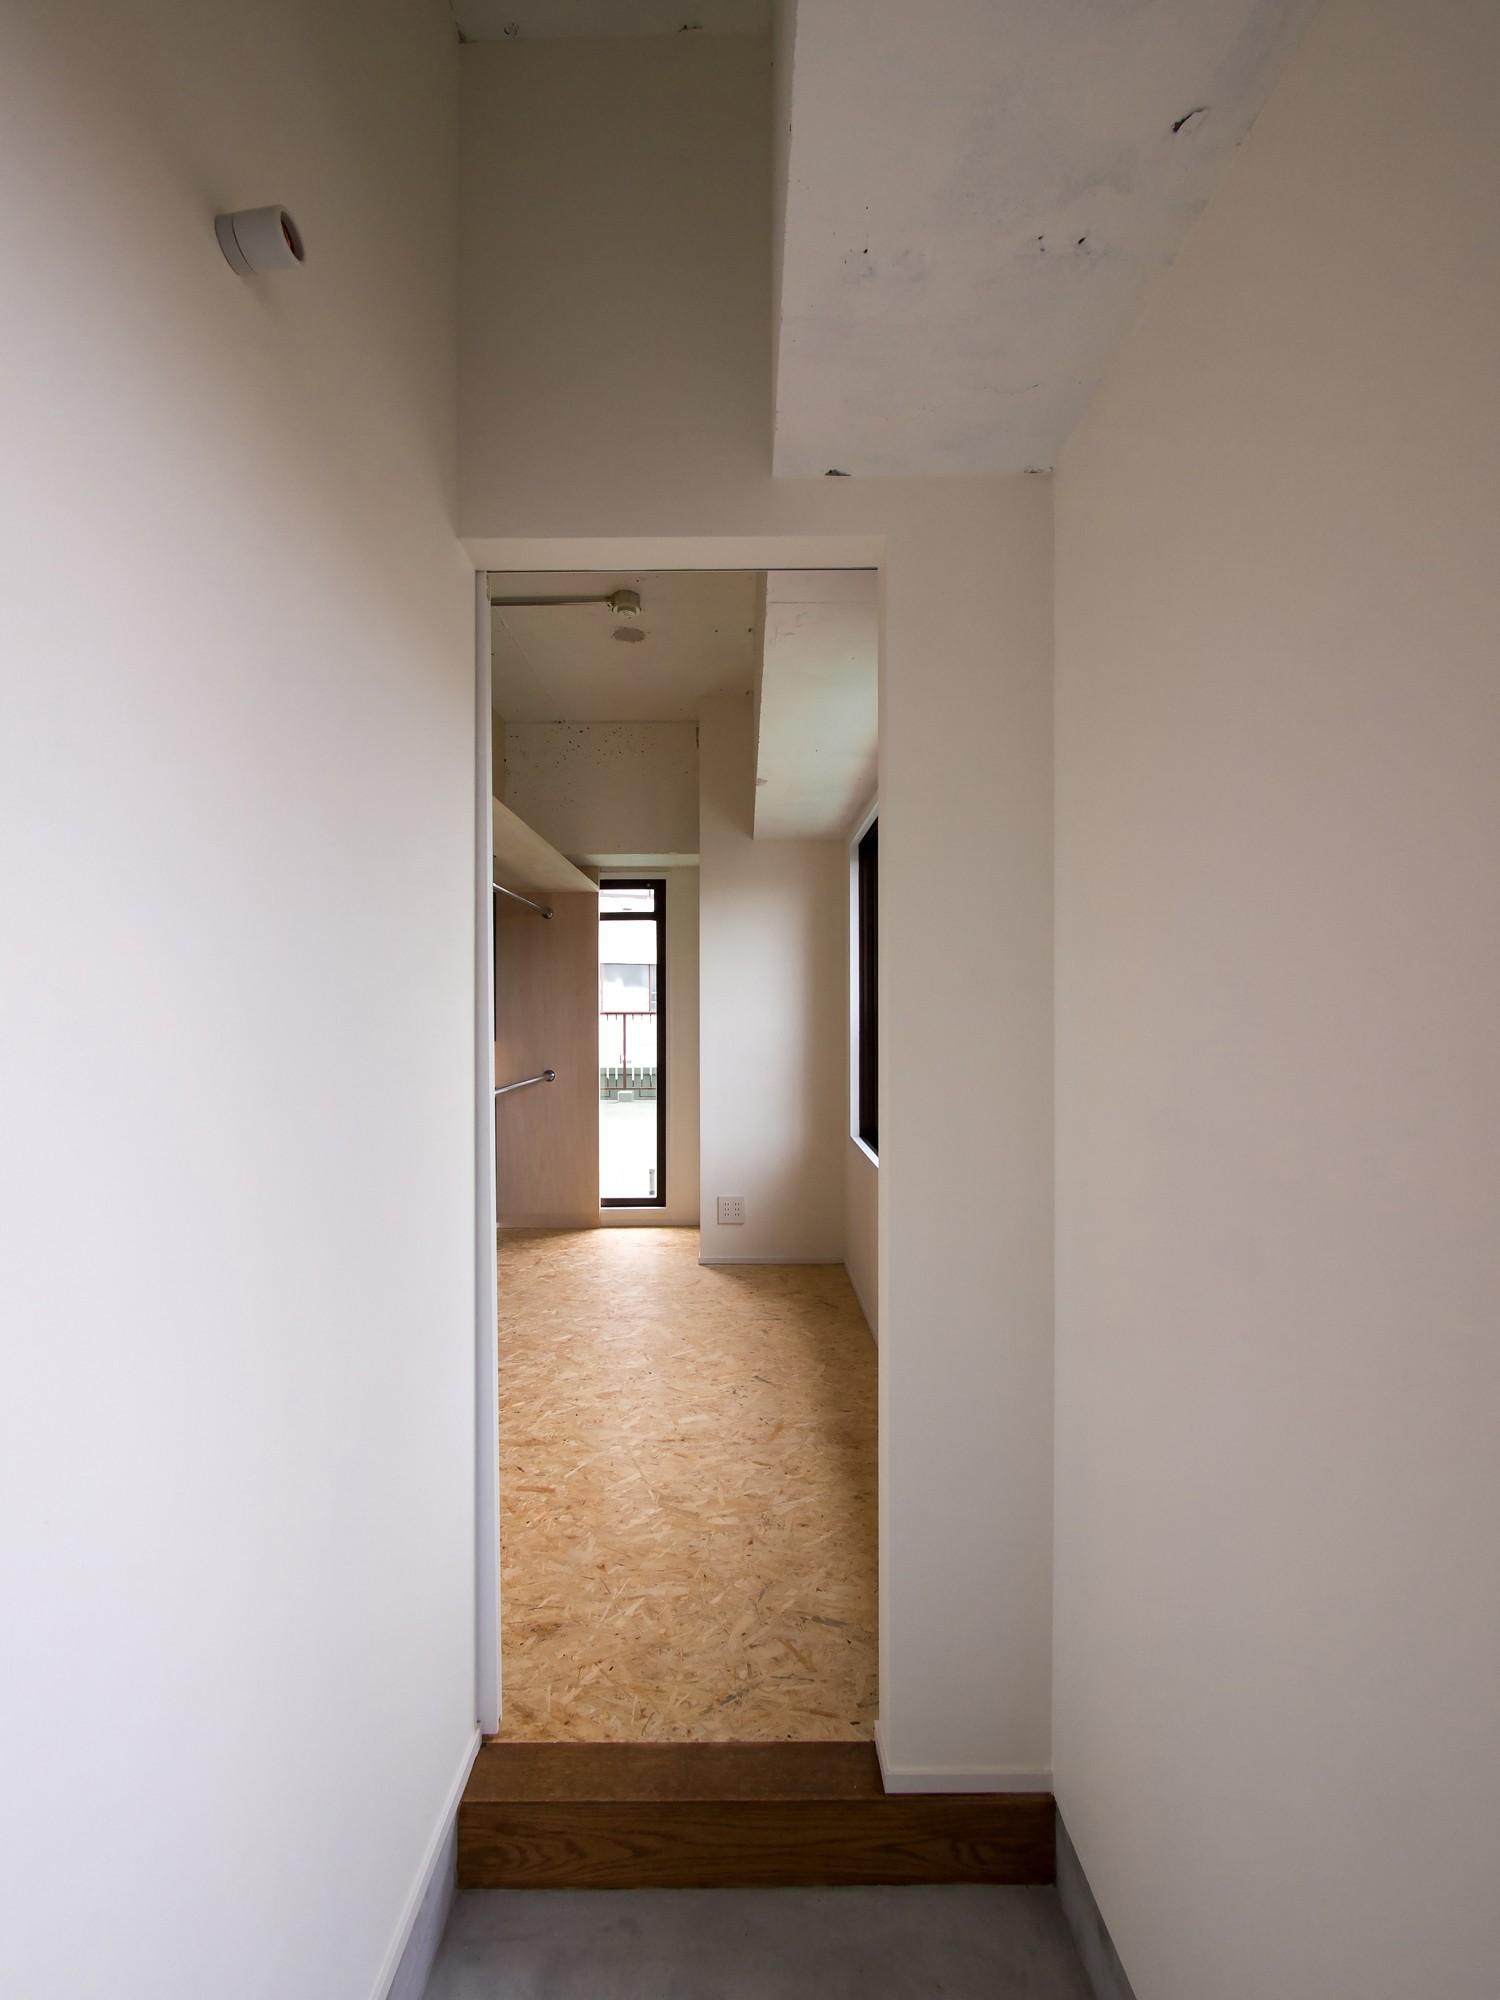 書斎事例:書斎への土間アプローチ(素因数の家 すくすくリノベーションvol.11)